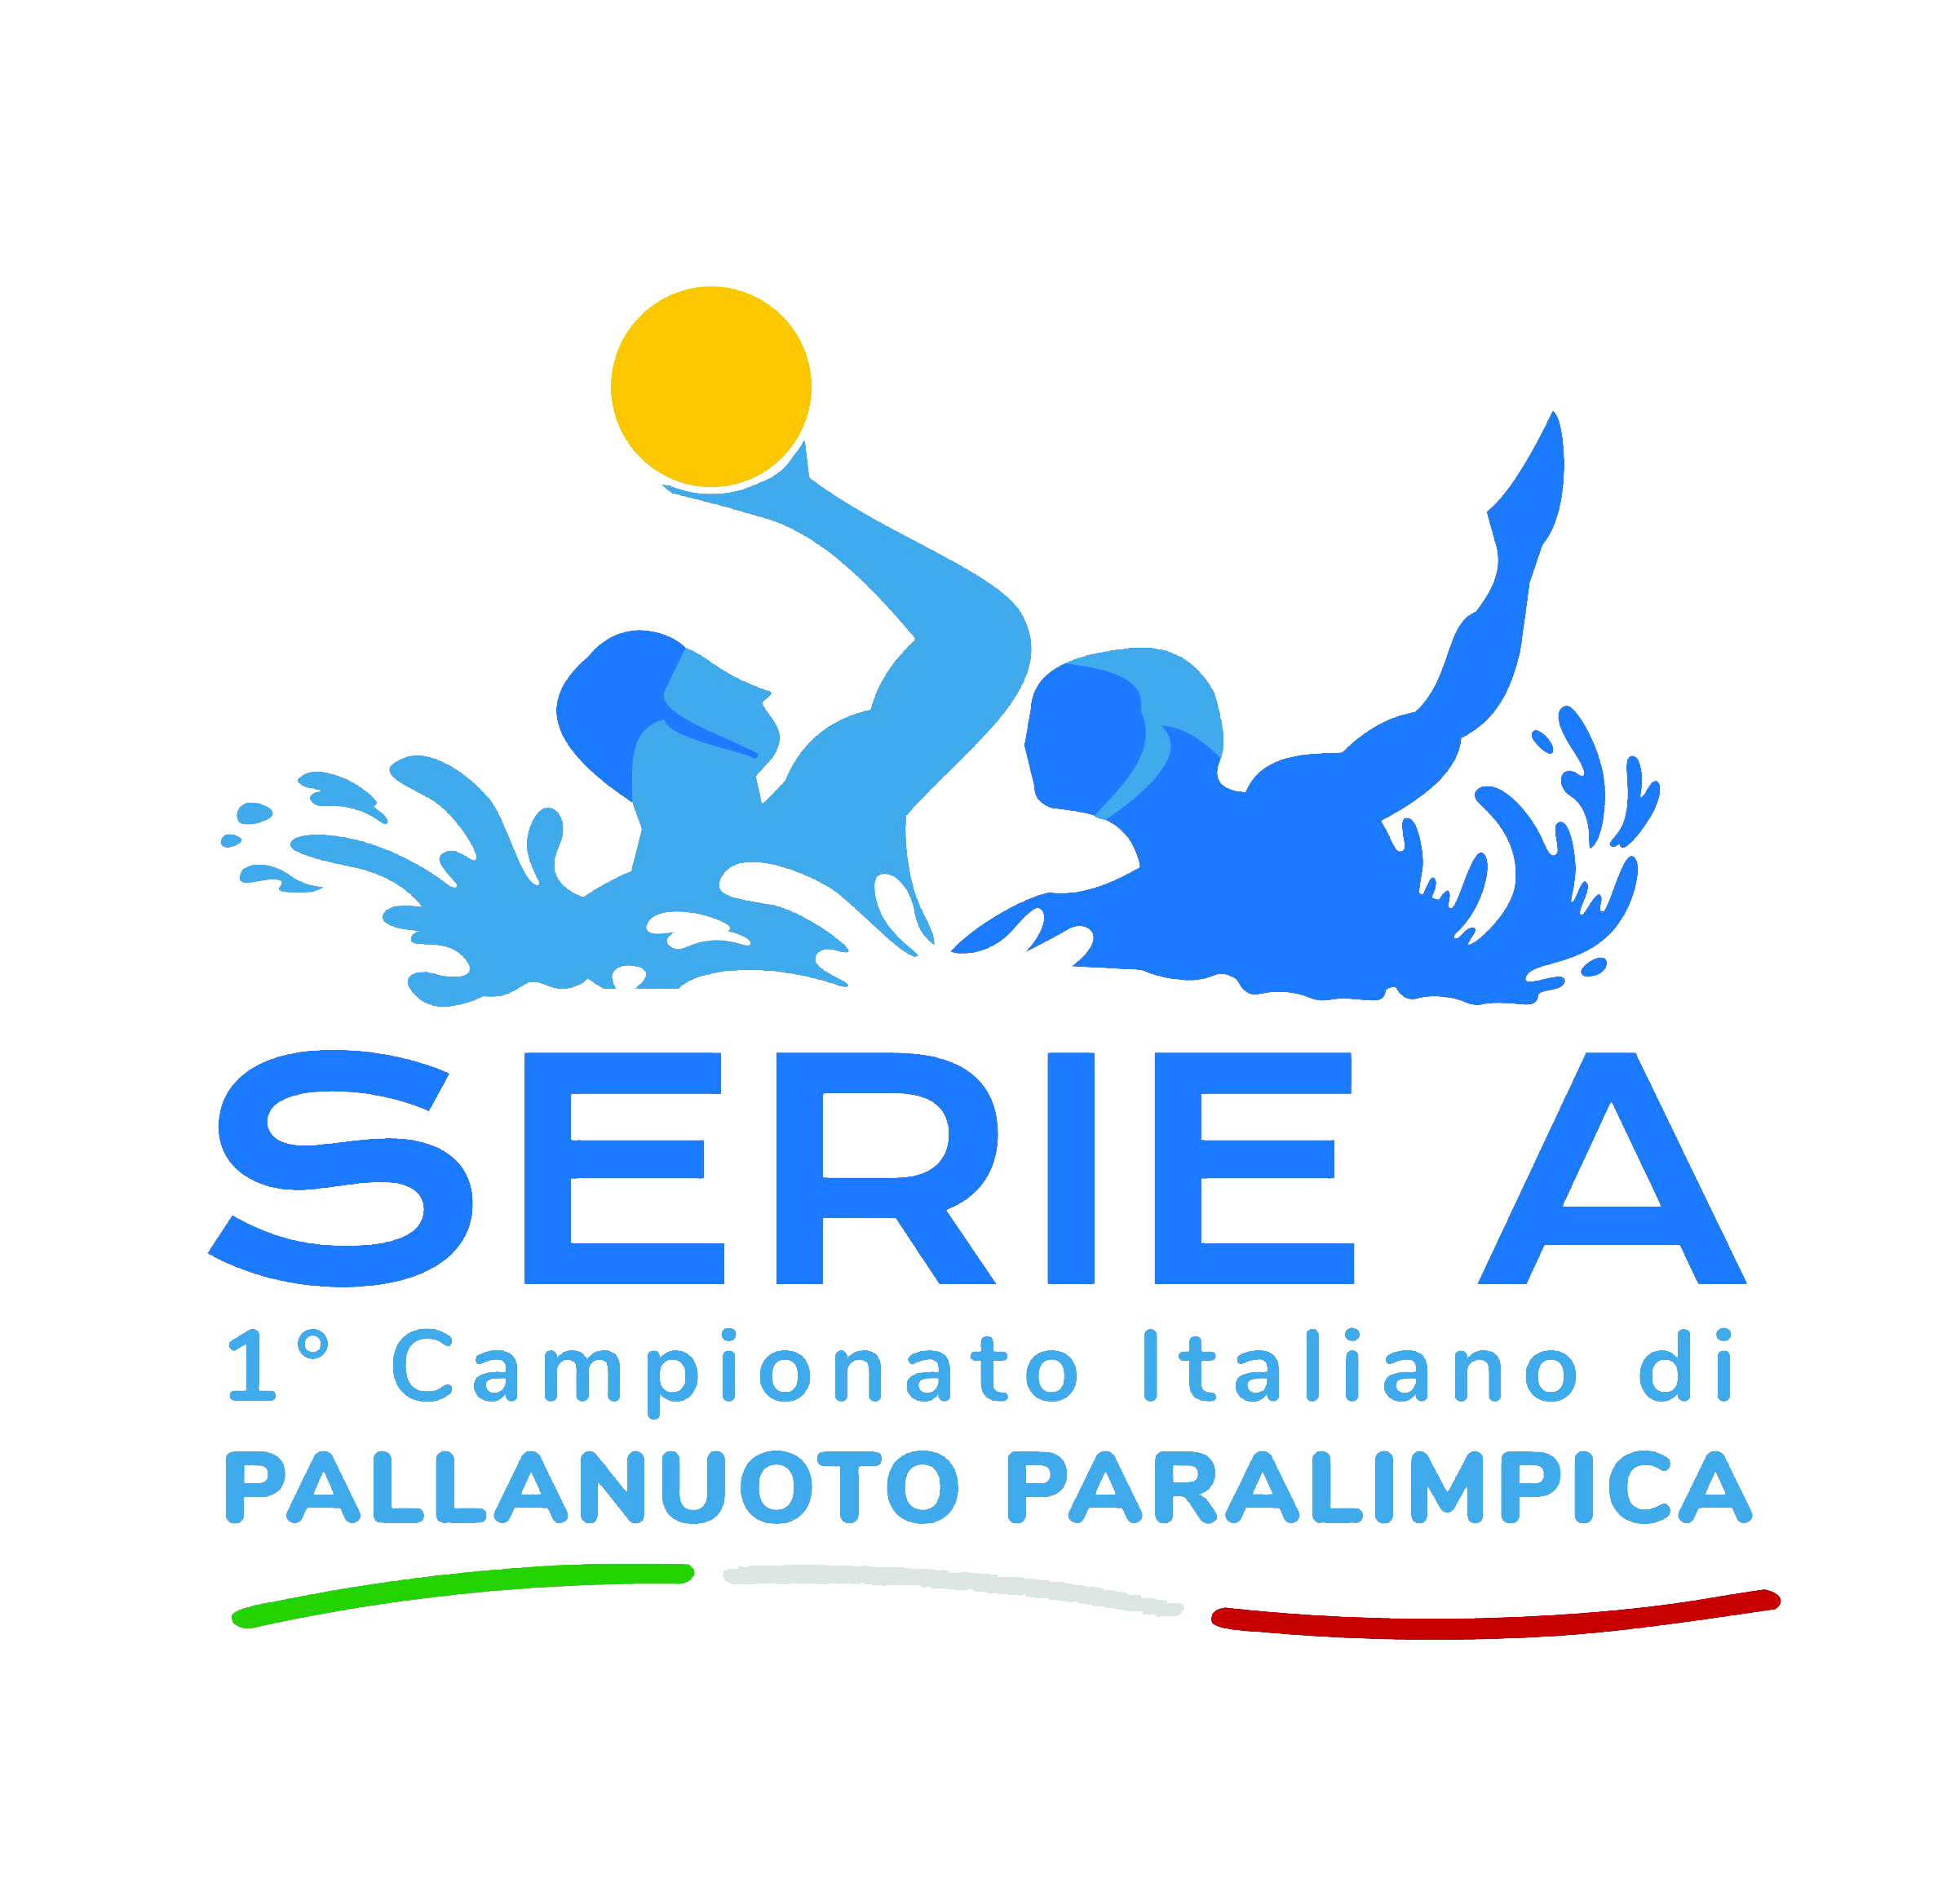 Campionati Nazionali di Pallanuoto Paralimpica